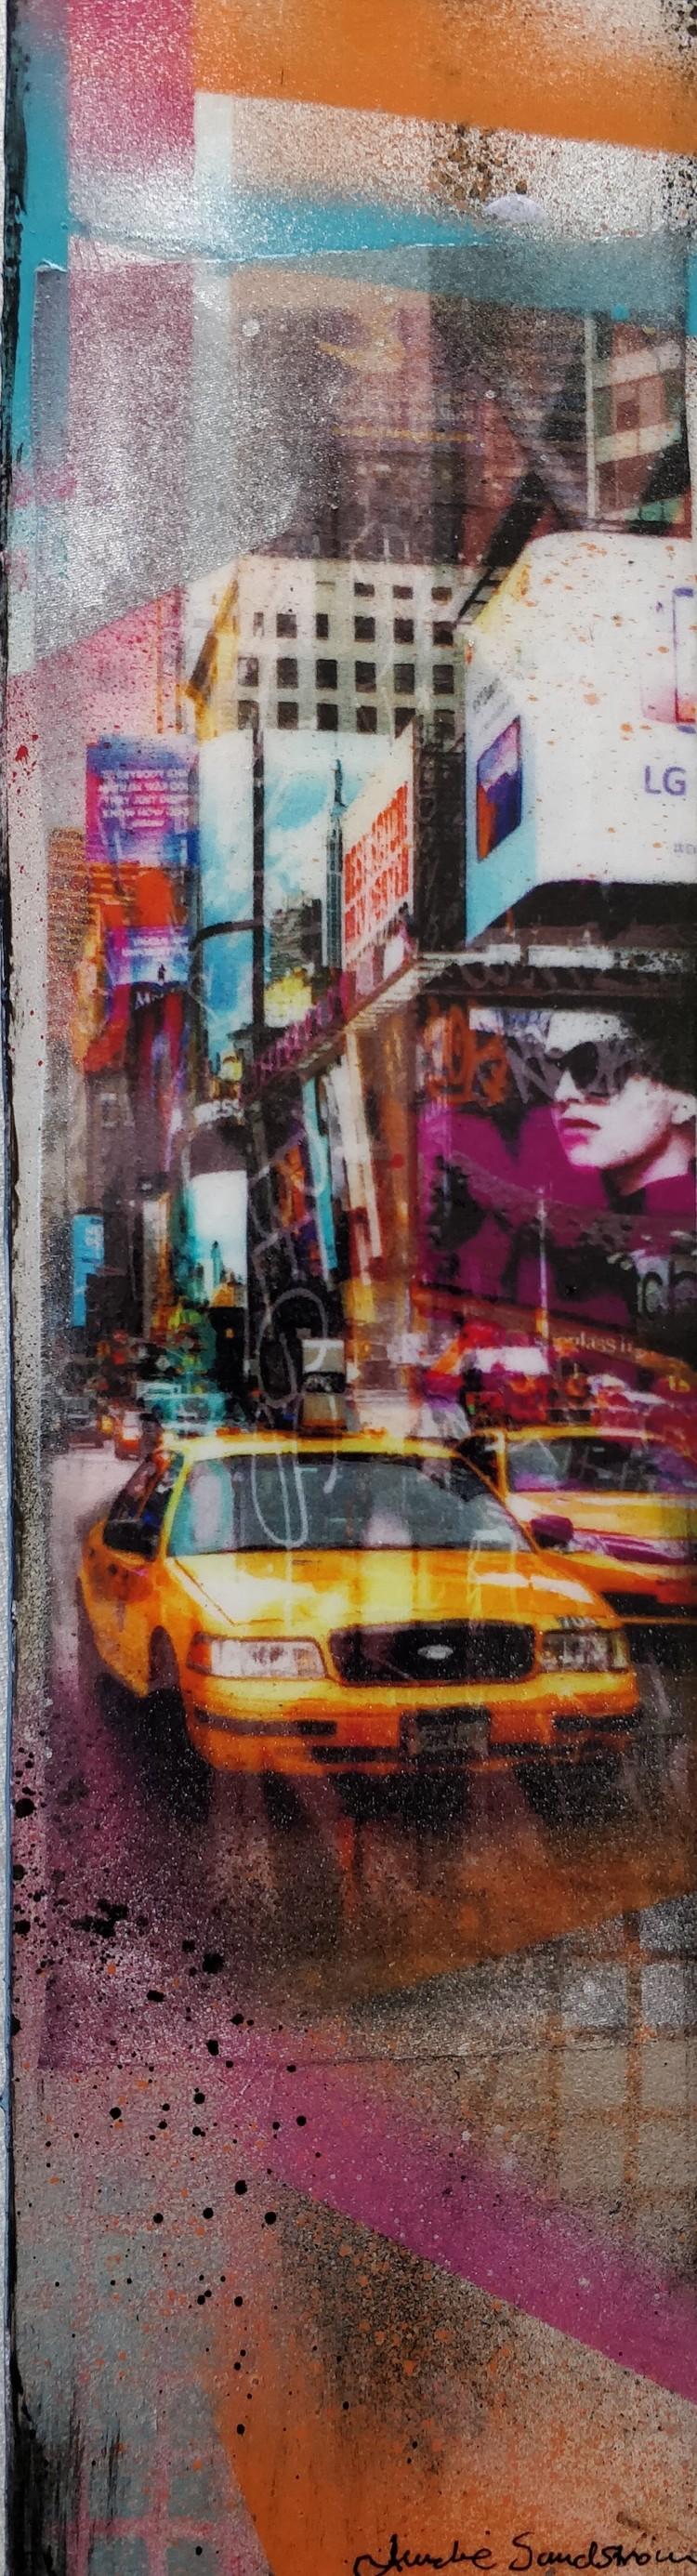 'NYC Traffic', 2020, ett konstverk av Annelie Sandström